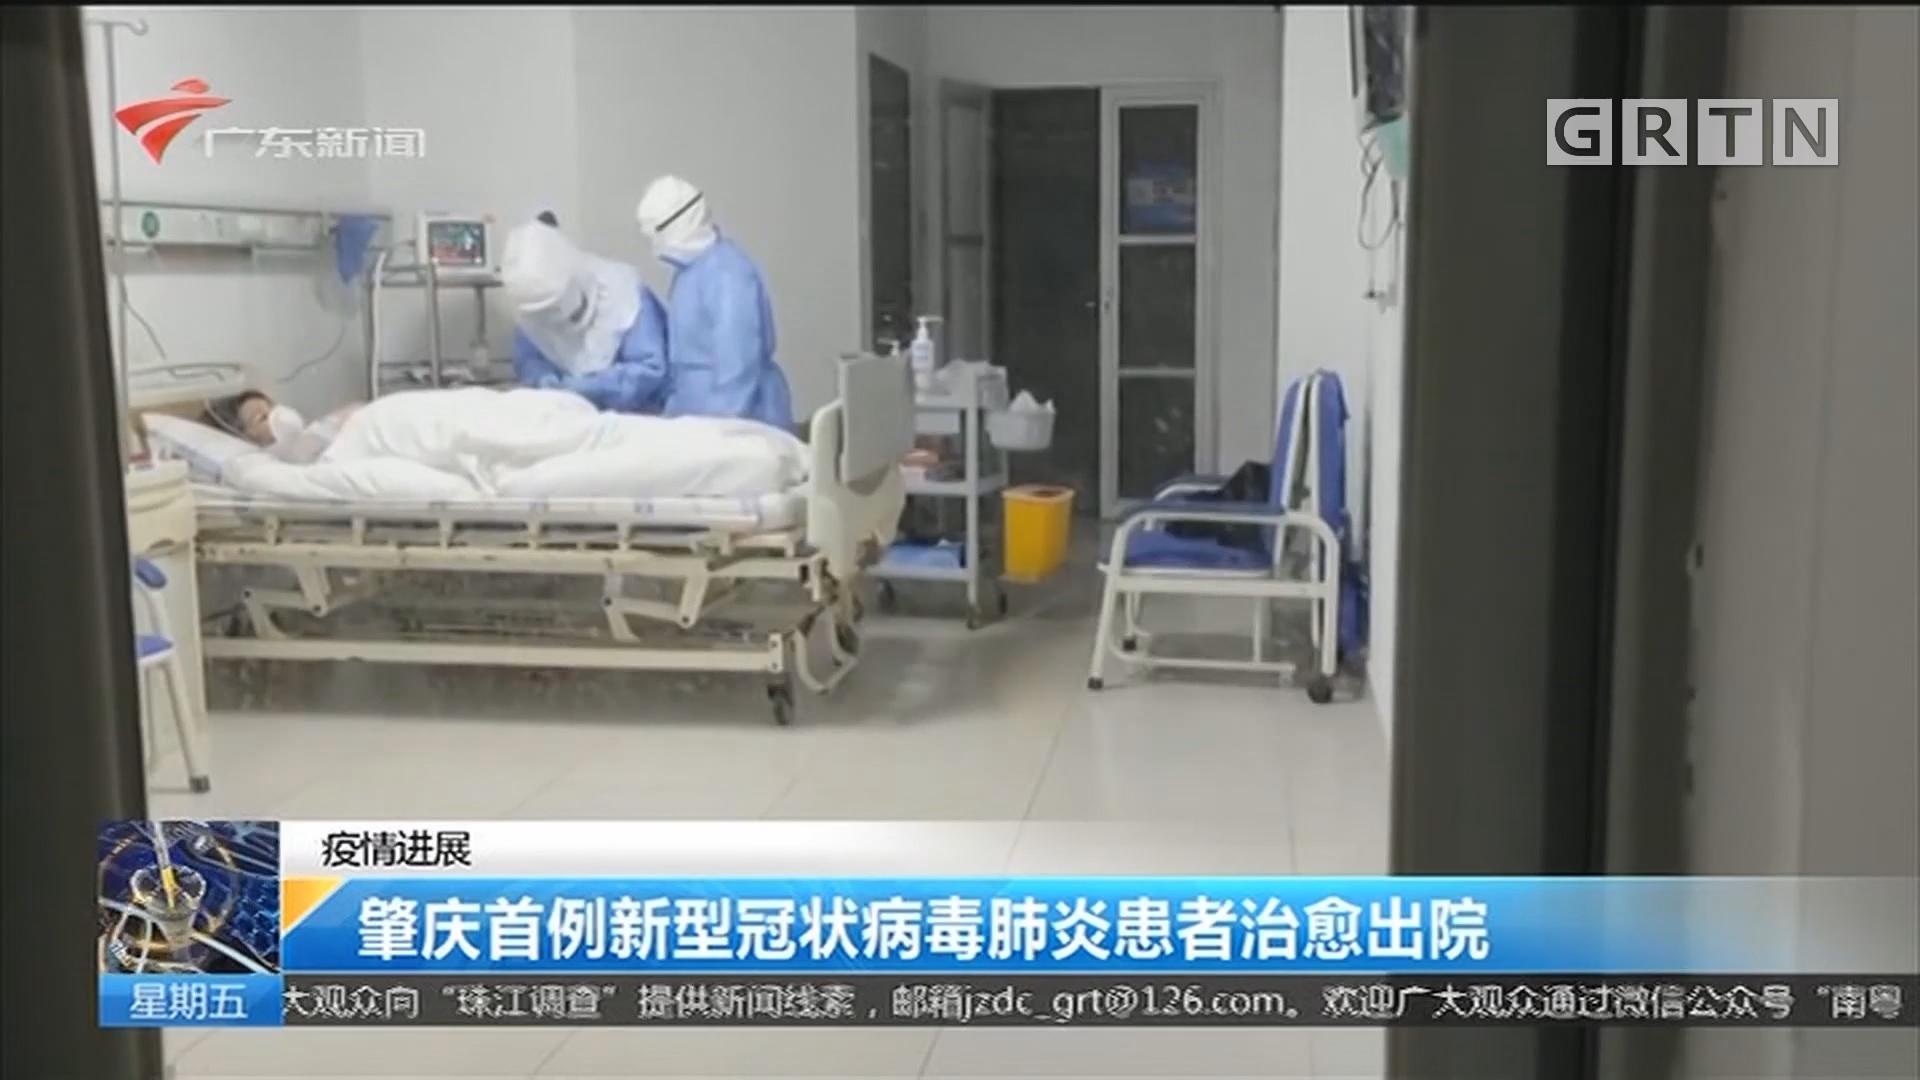 疫情进展 肇庆首例新型冠状病毒肺炎患者治愈出院